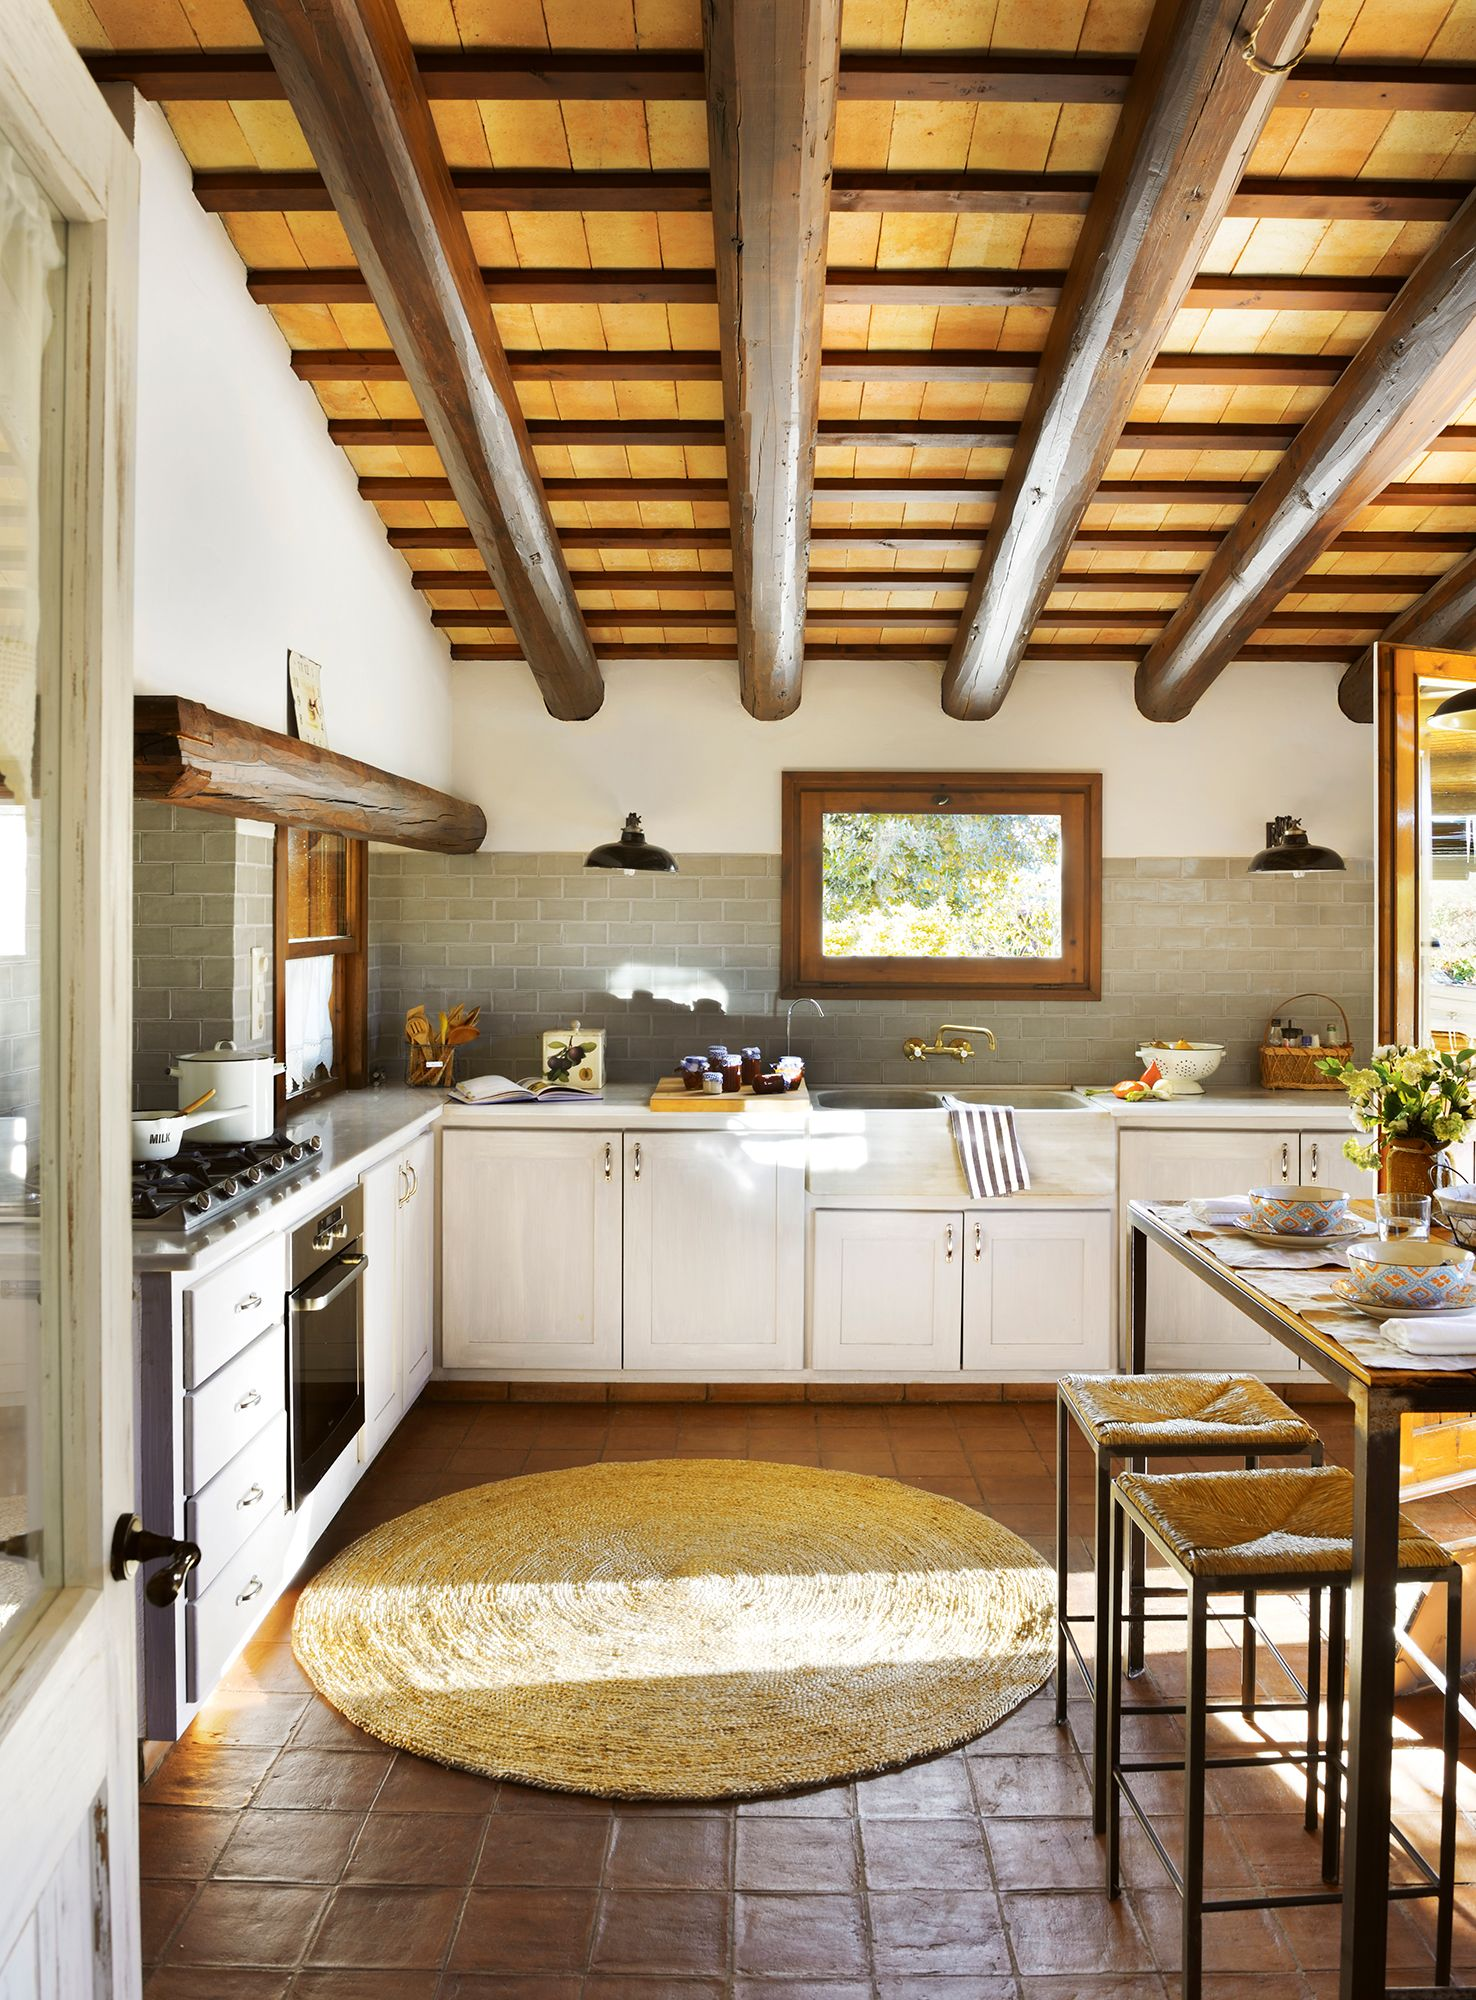 Cocina rústica con vigas de madera y 00409296b | Interiors